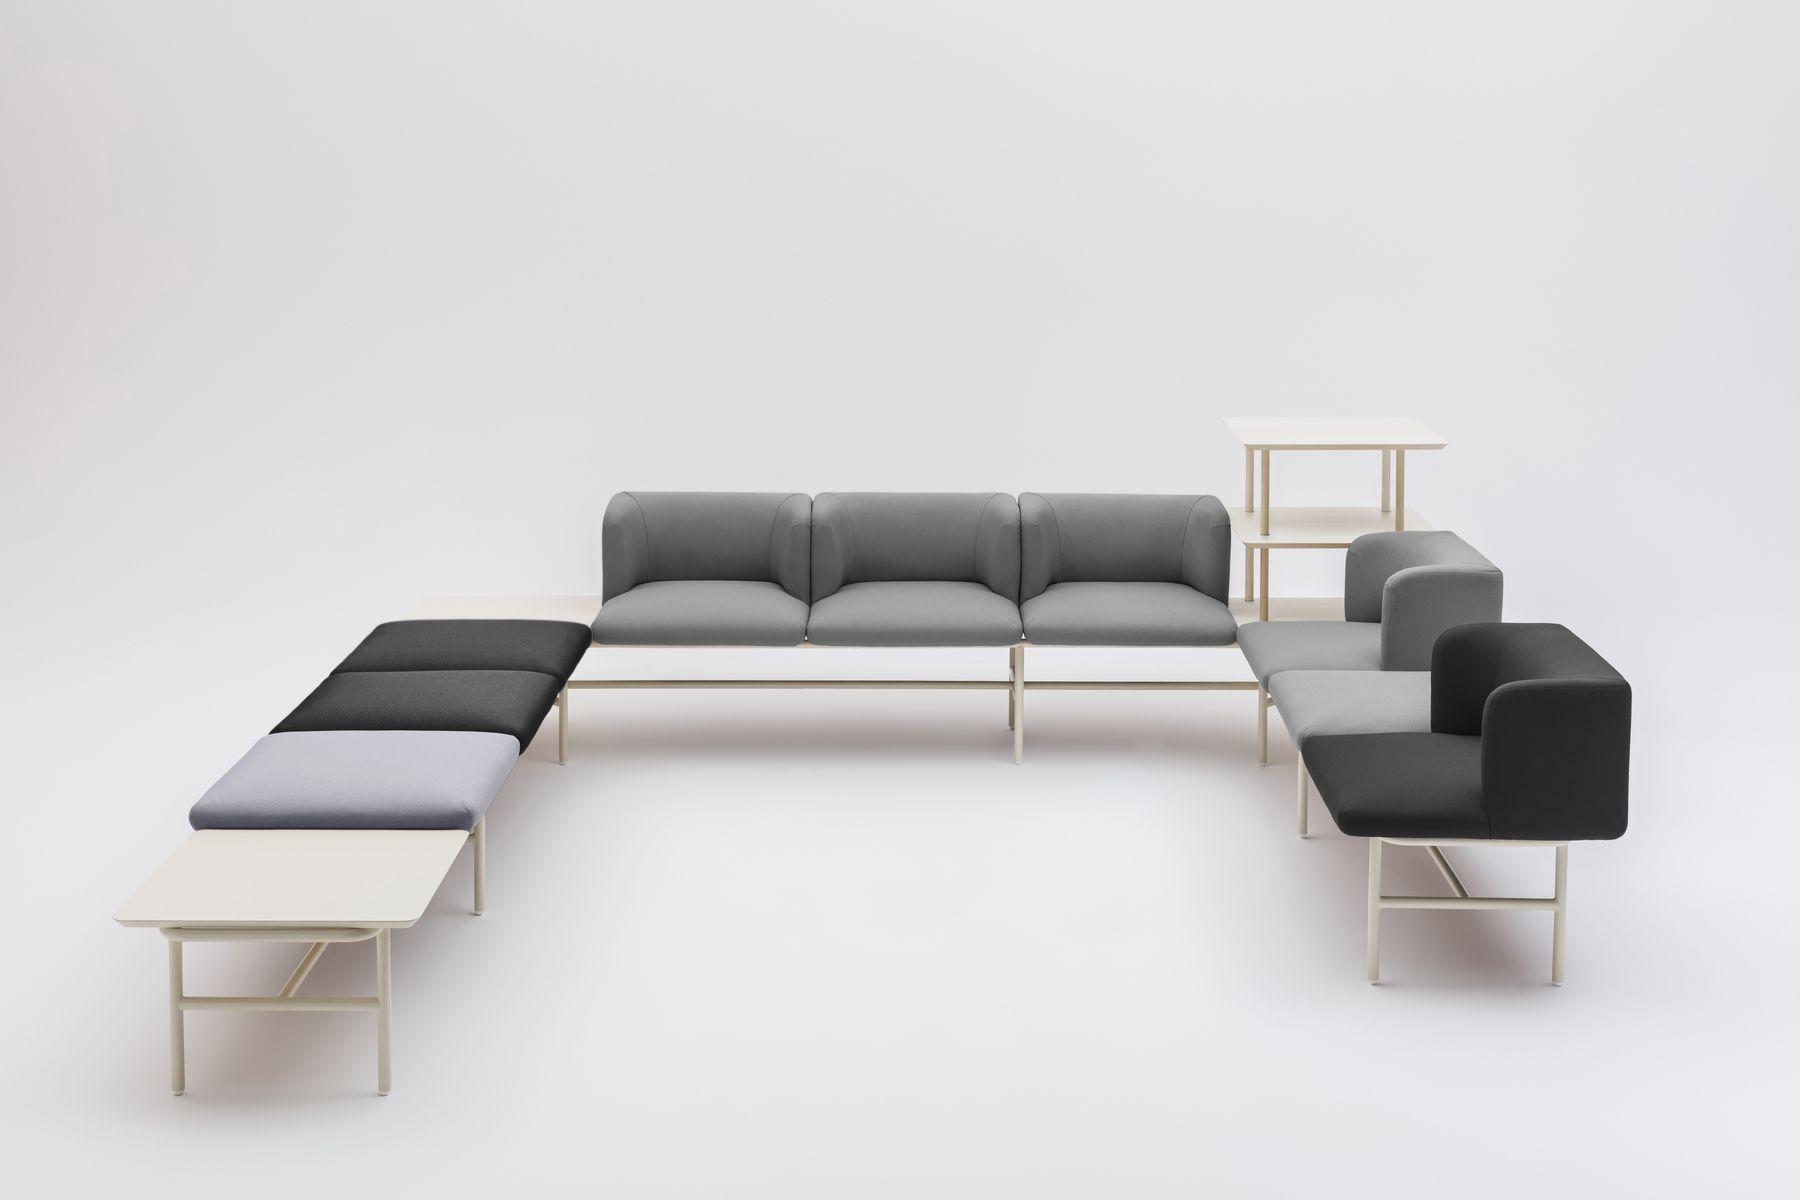 empfangstheken hochglanz lounge wartebereich sitzplaetze